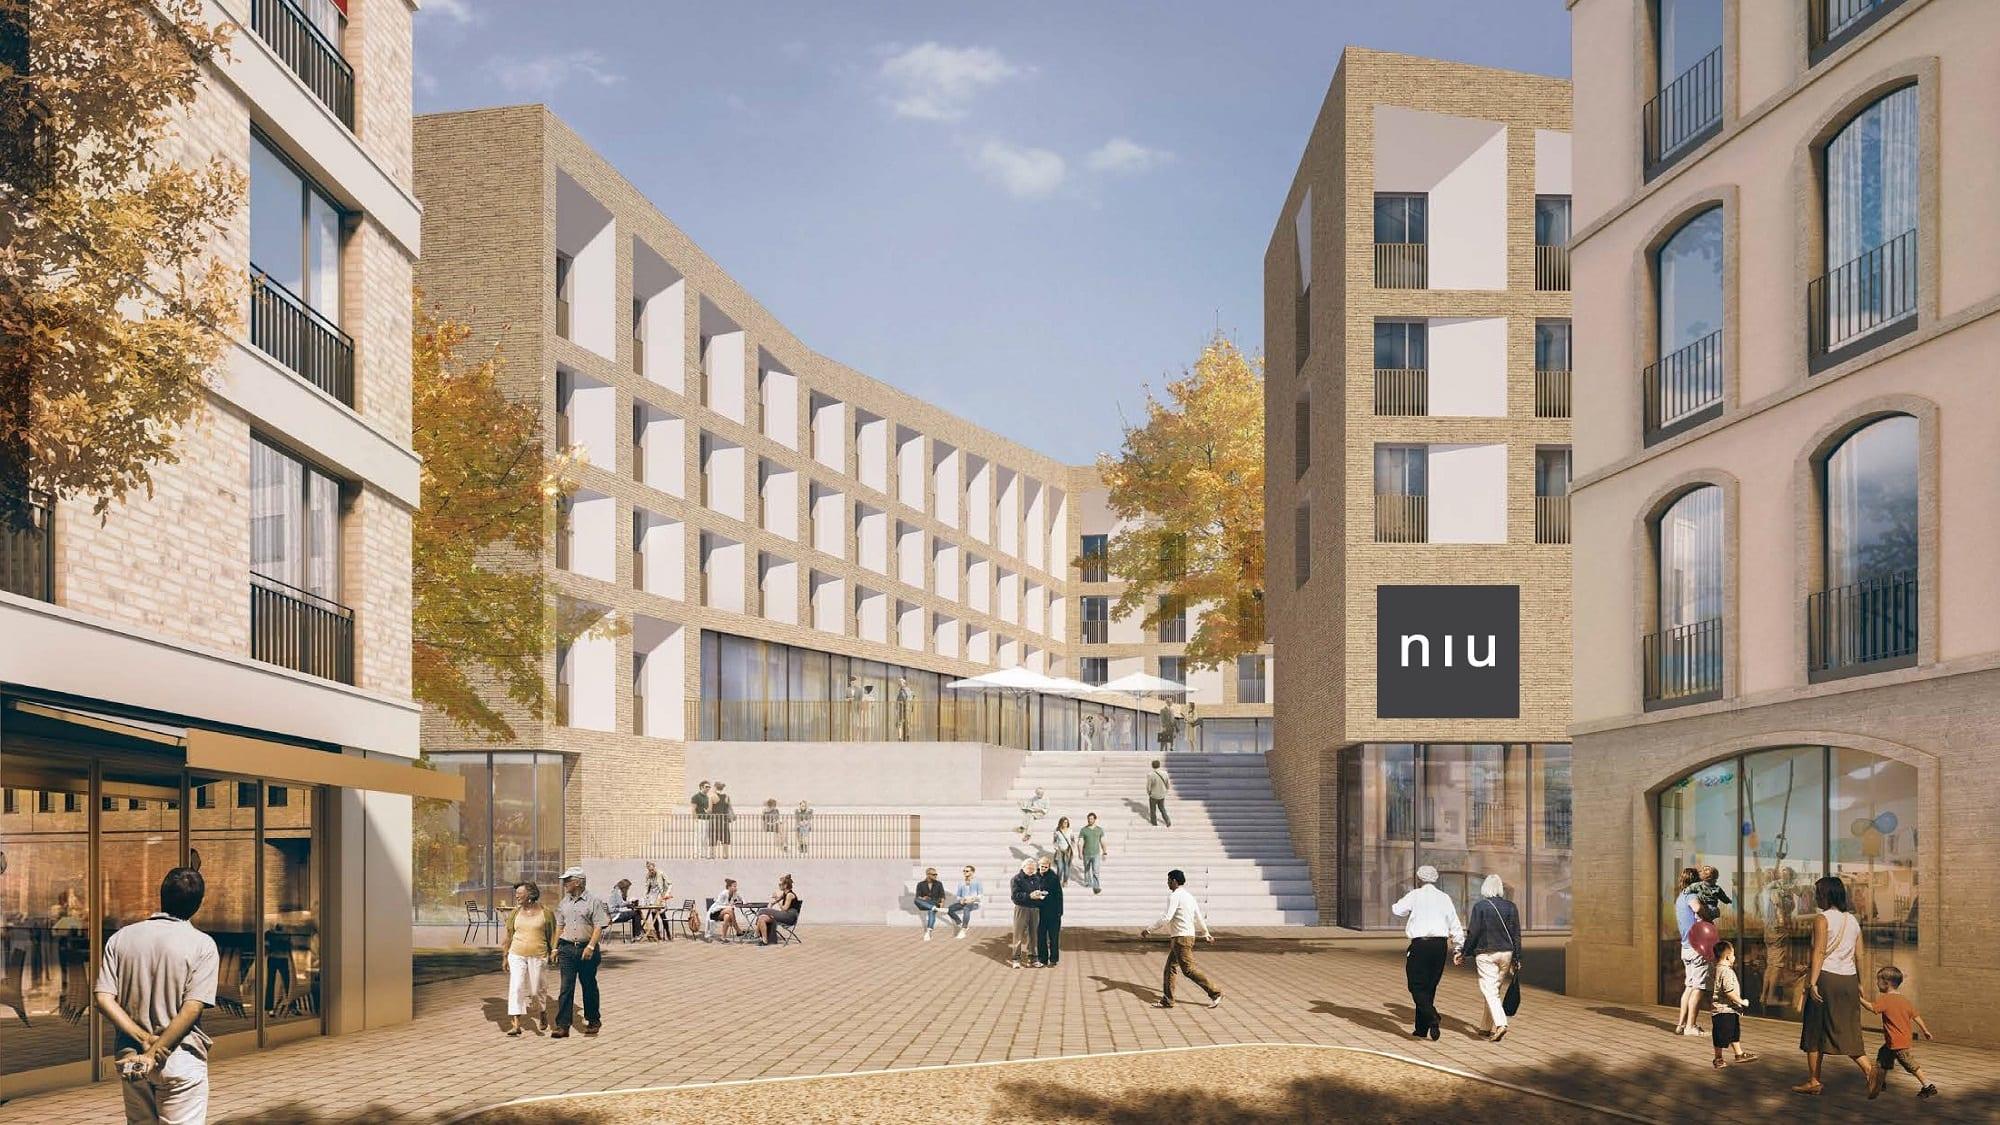 Alles Gute: niu Hotel der Reggeborgh Invest und asenticon in Potsdam gezeichnet